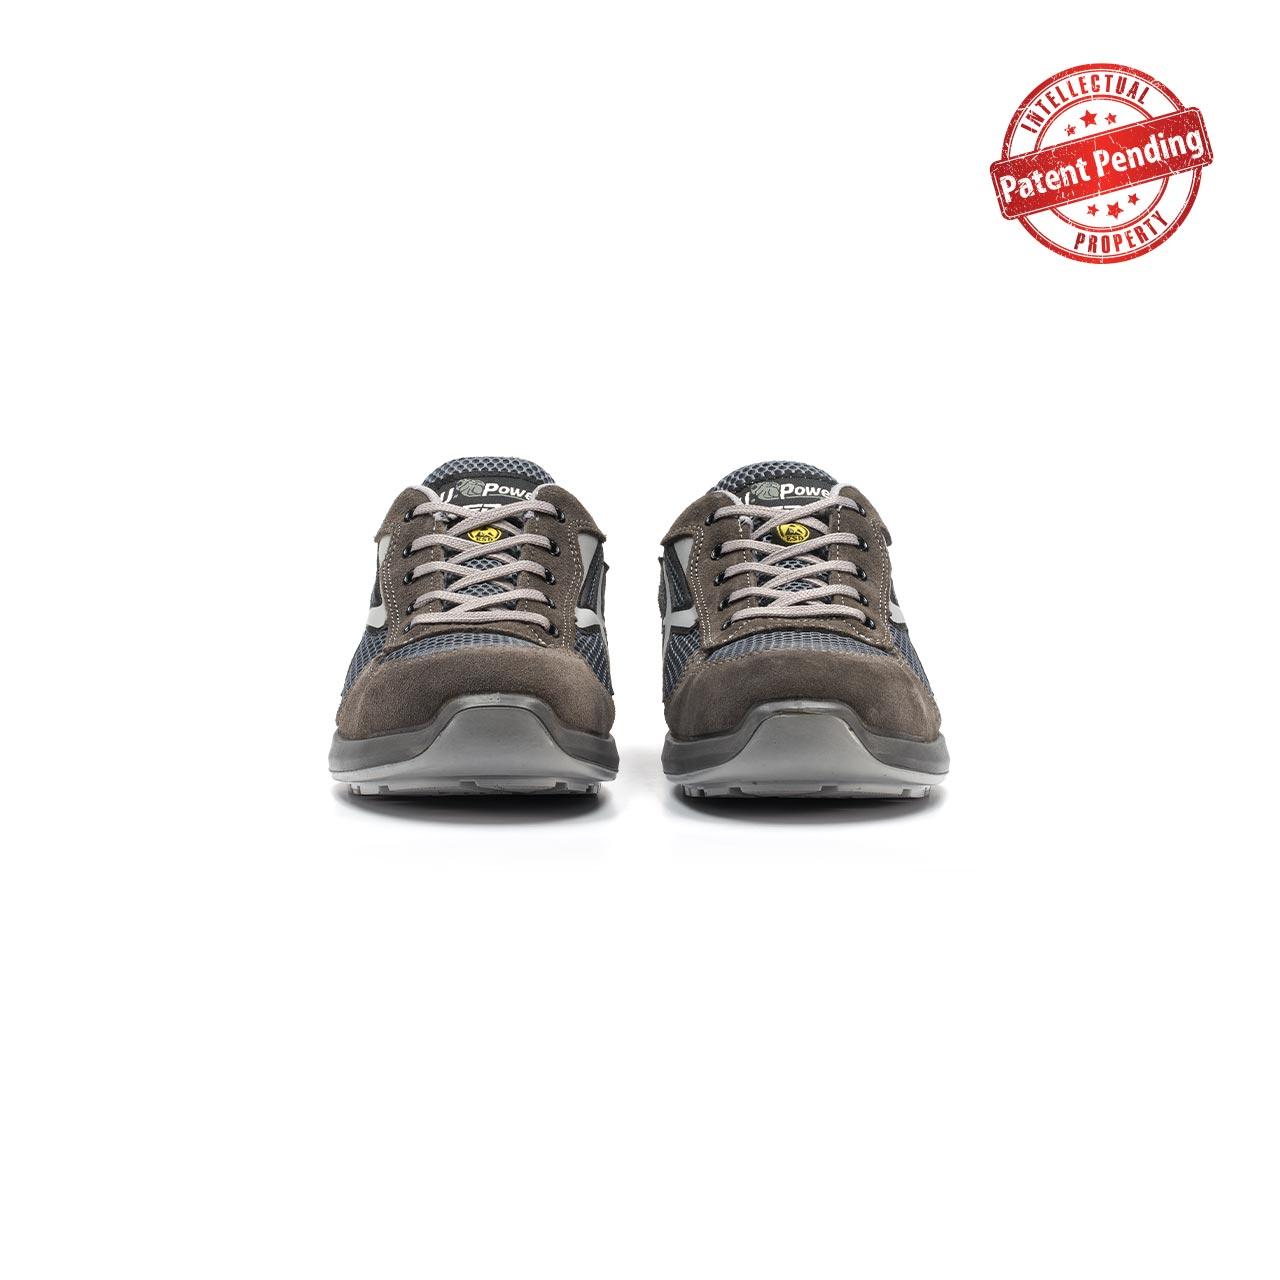 paio di scarpe antinfortunistiche upower modello draco linea redup vista frontale